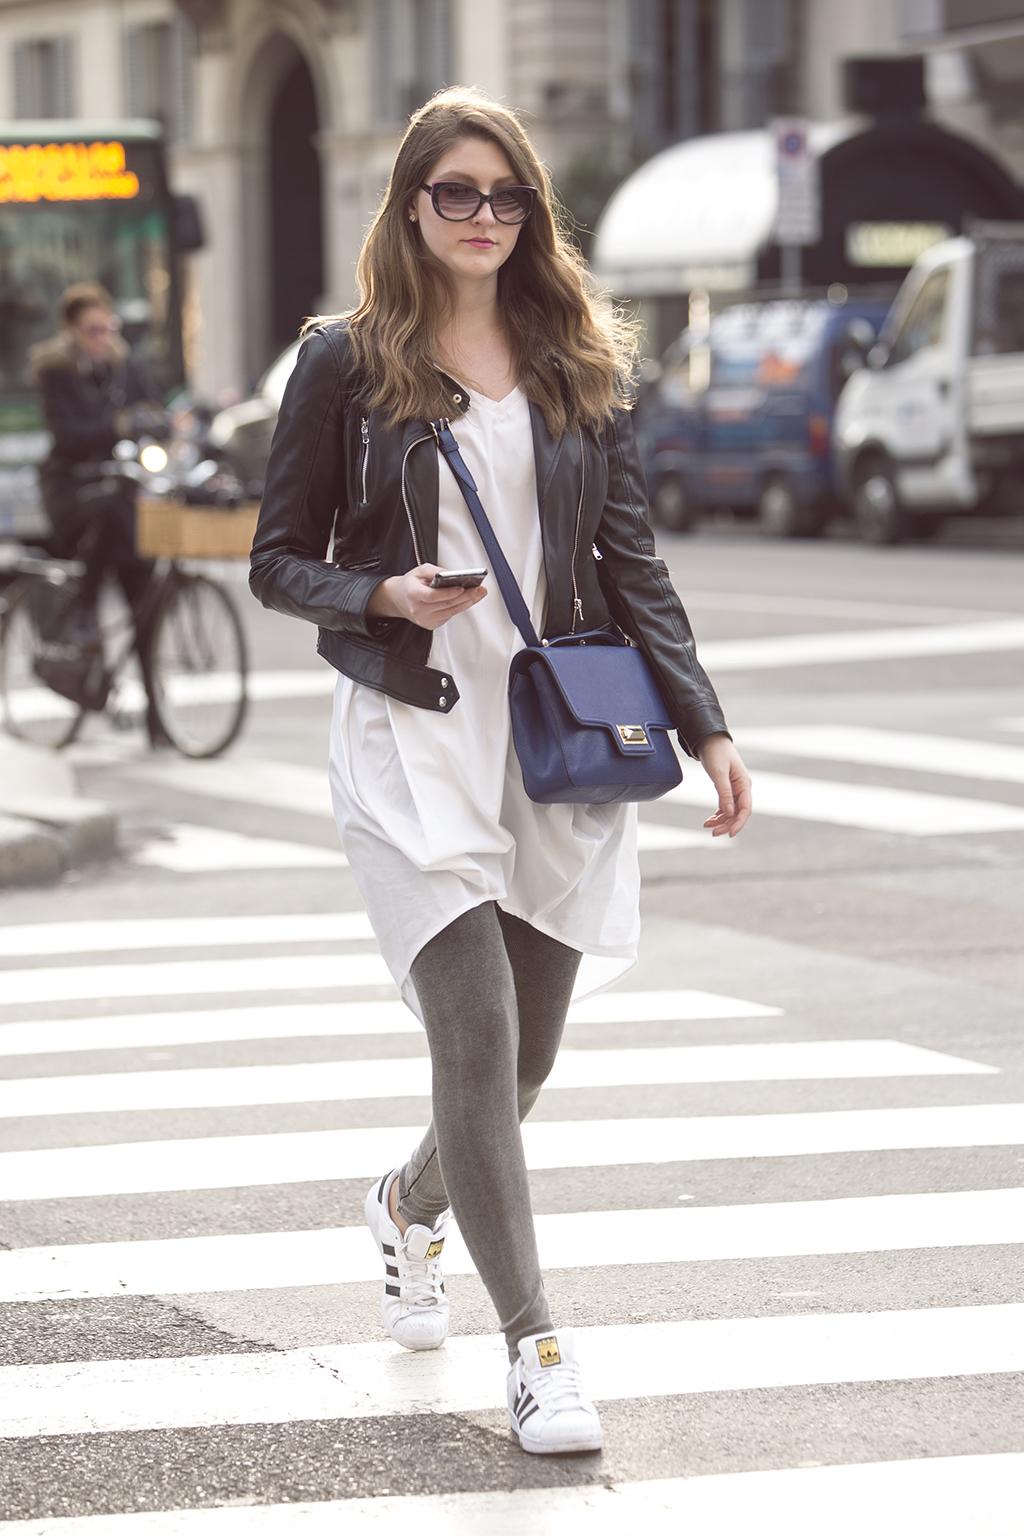 milanfashionweek_outfit_cako3.jpg